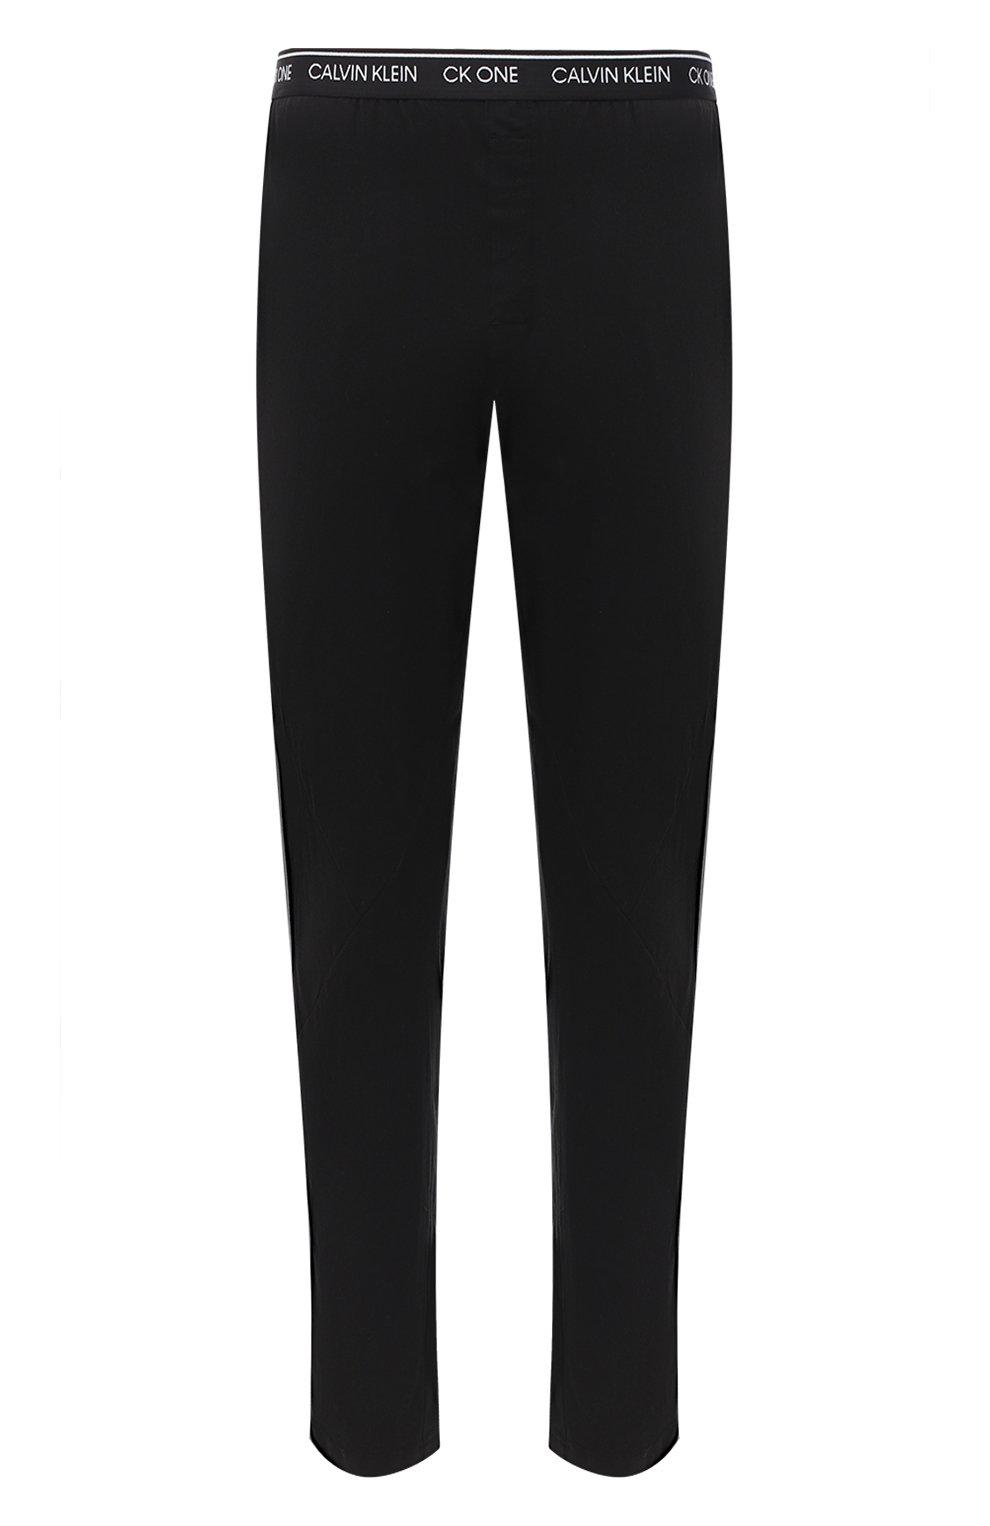 Мужские хлопковые домашние брюки CALVIN KLEIN черного цвета, арт. NM1796E | Фото 1 (Длина (брюки, джинсы): Стандартные; Кросс-КТ: домашняя одежда; Мужское Кросс-КТ: Брюки-белье; Материал внешний: Хлопок)